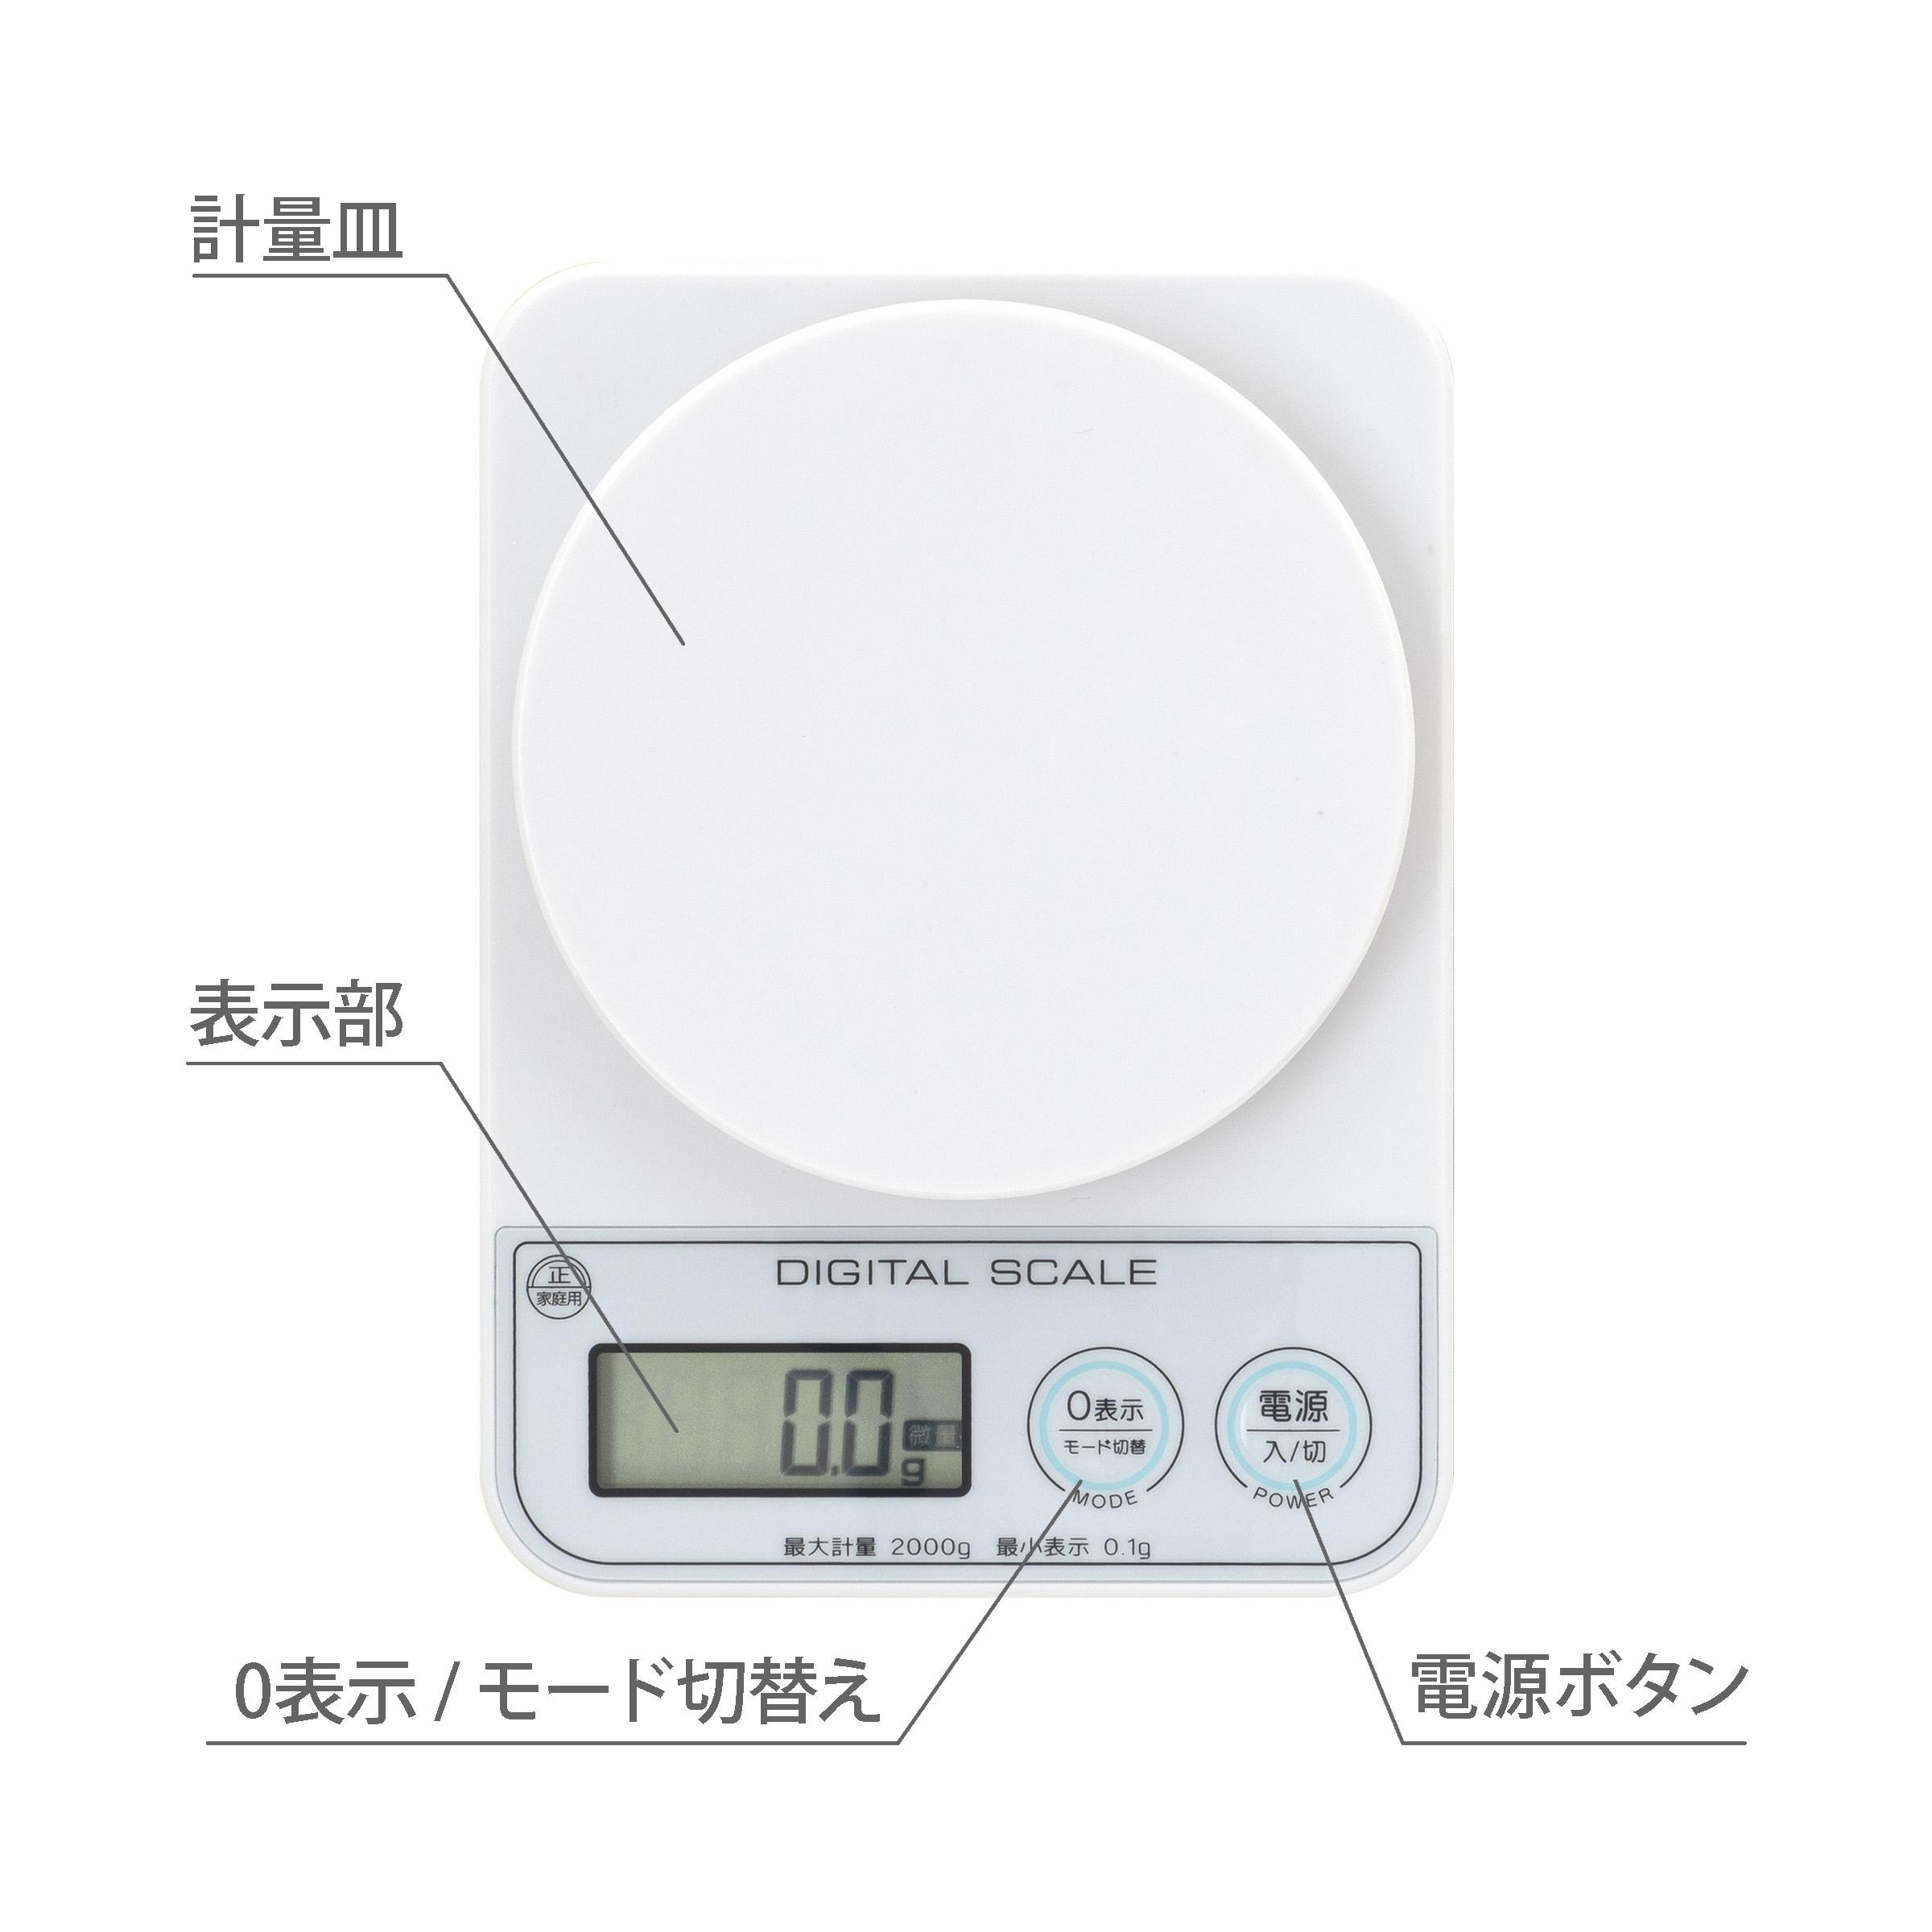 デジタルスケール 2kg image02